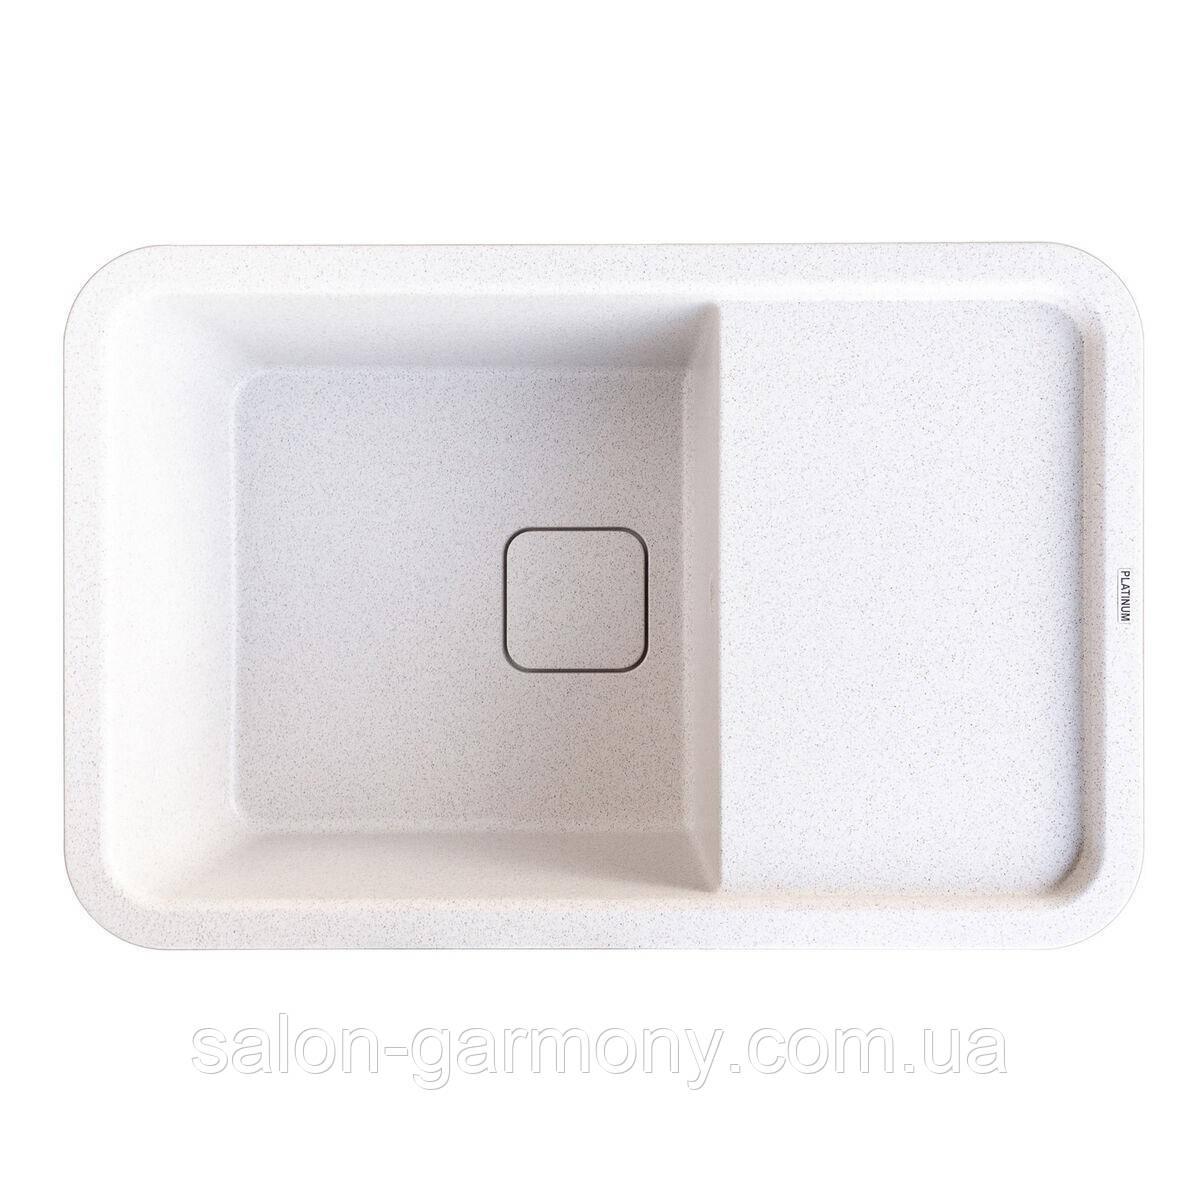 Гранітна мийка для кухні Platinum 7850 CUBE матова Топаз